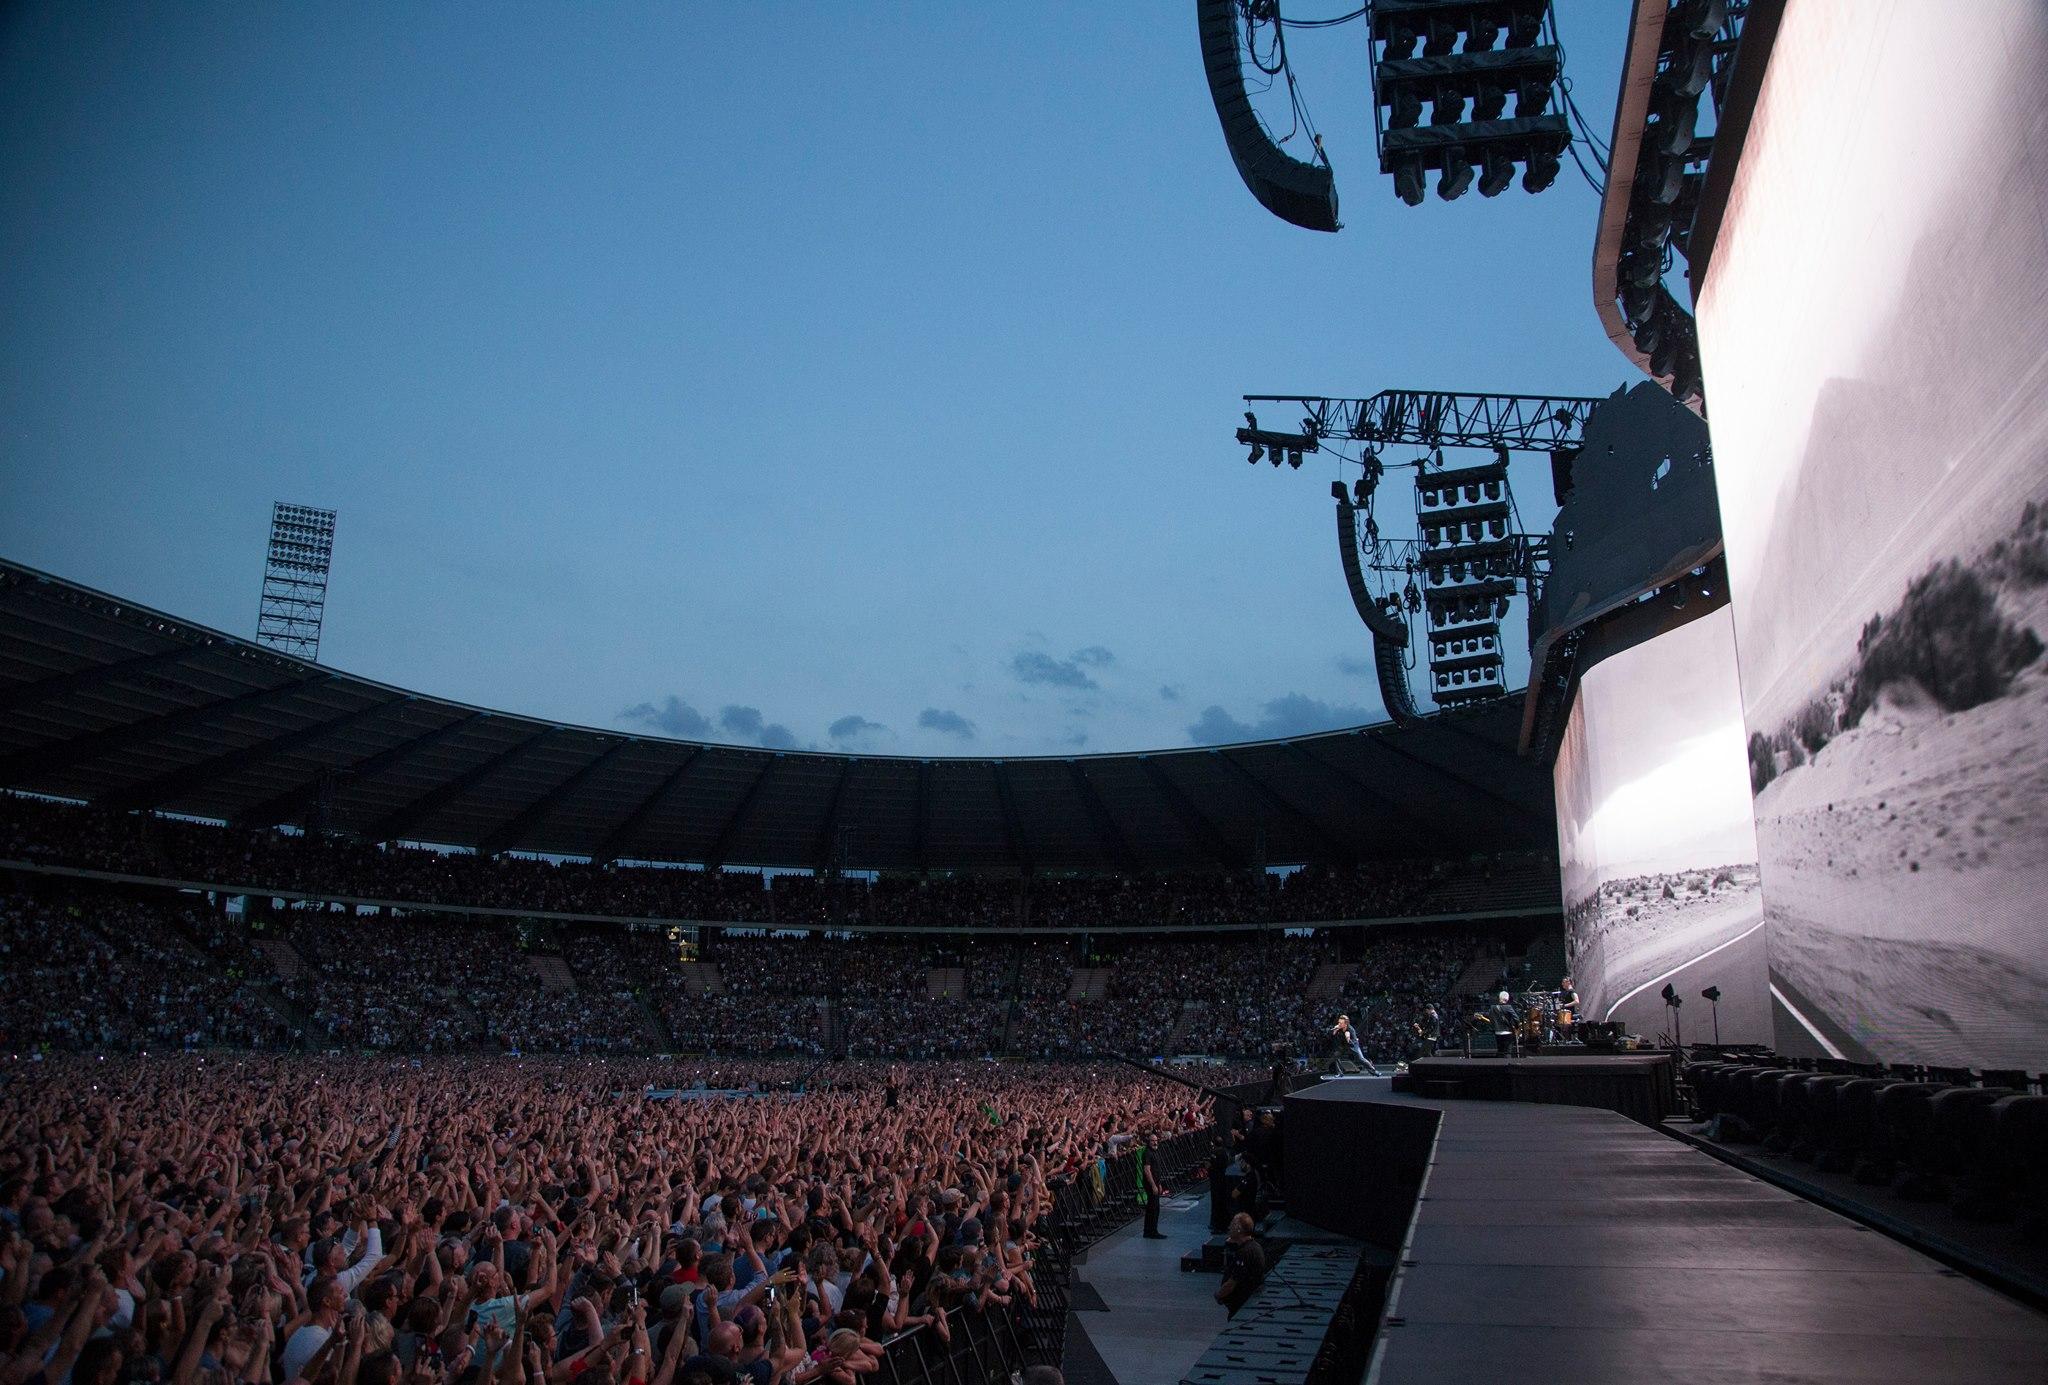 Concert U2 stade Roi Baudouin 2017